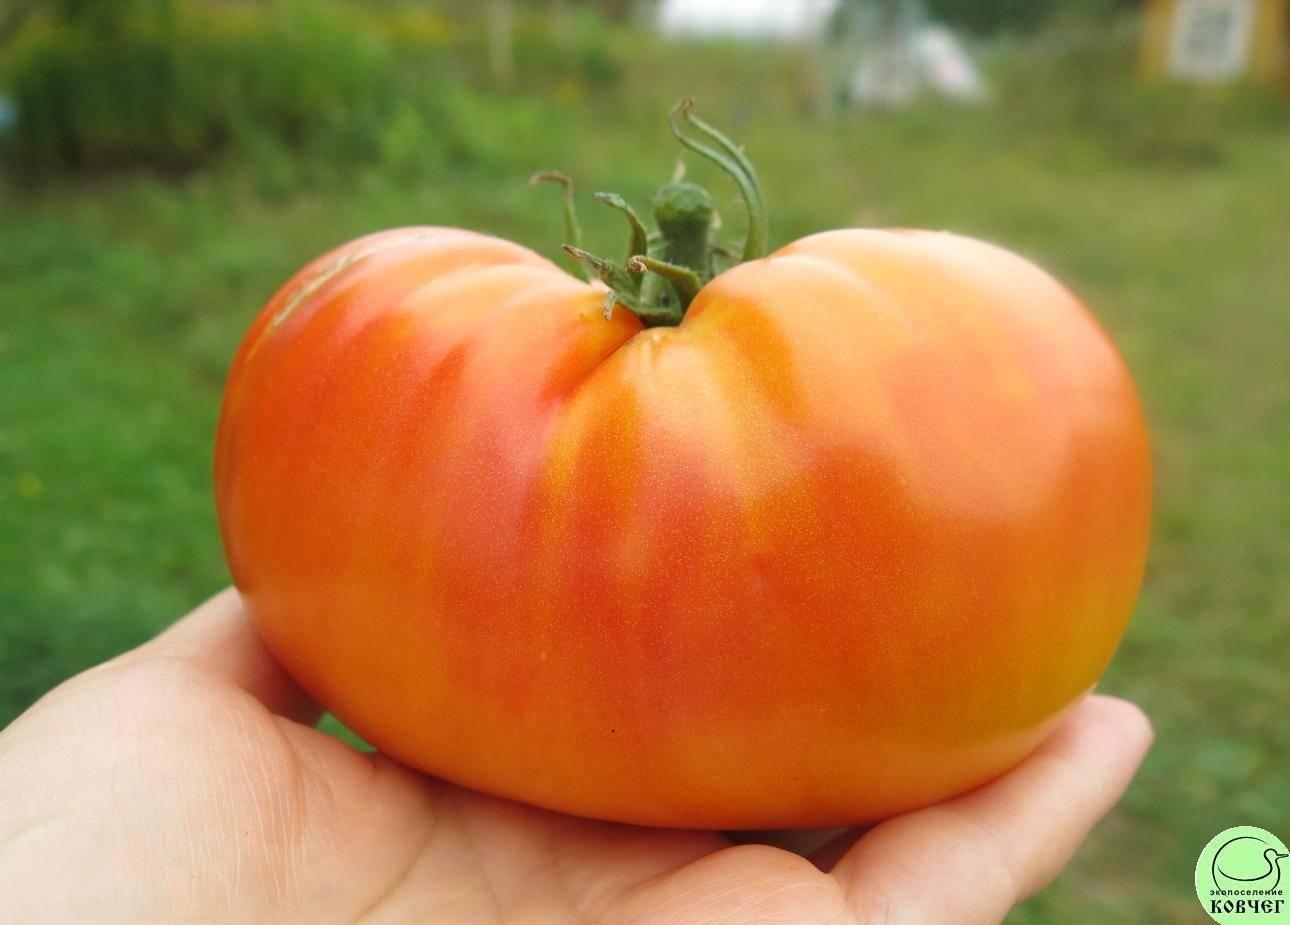 Томат медовый салют: отзывы фермеров со стажем, рекомендации по выращиванию, характеристика и описание сорта